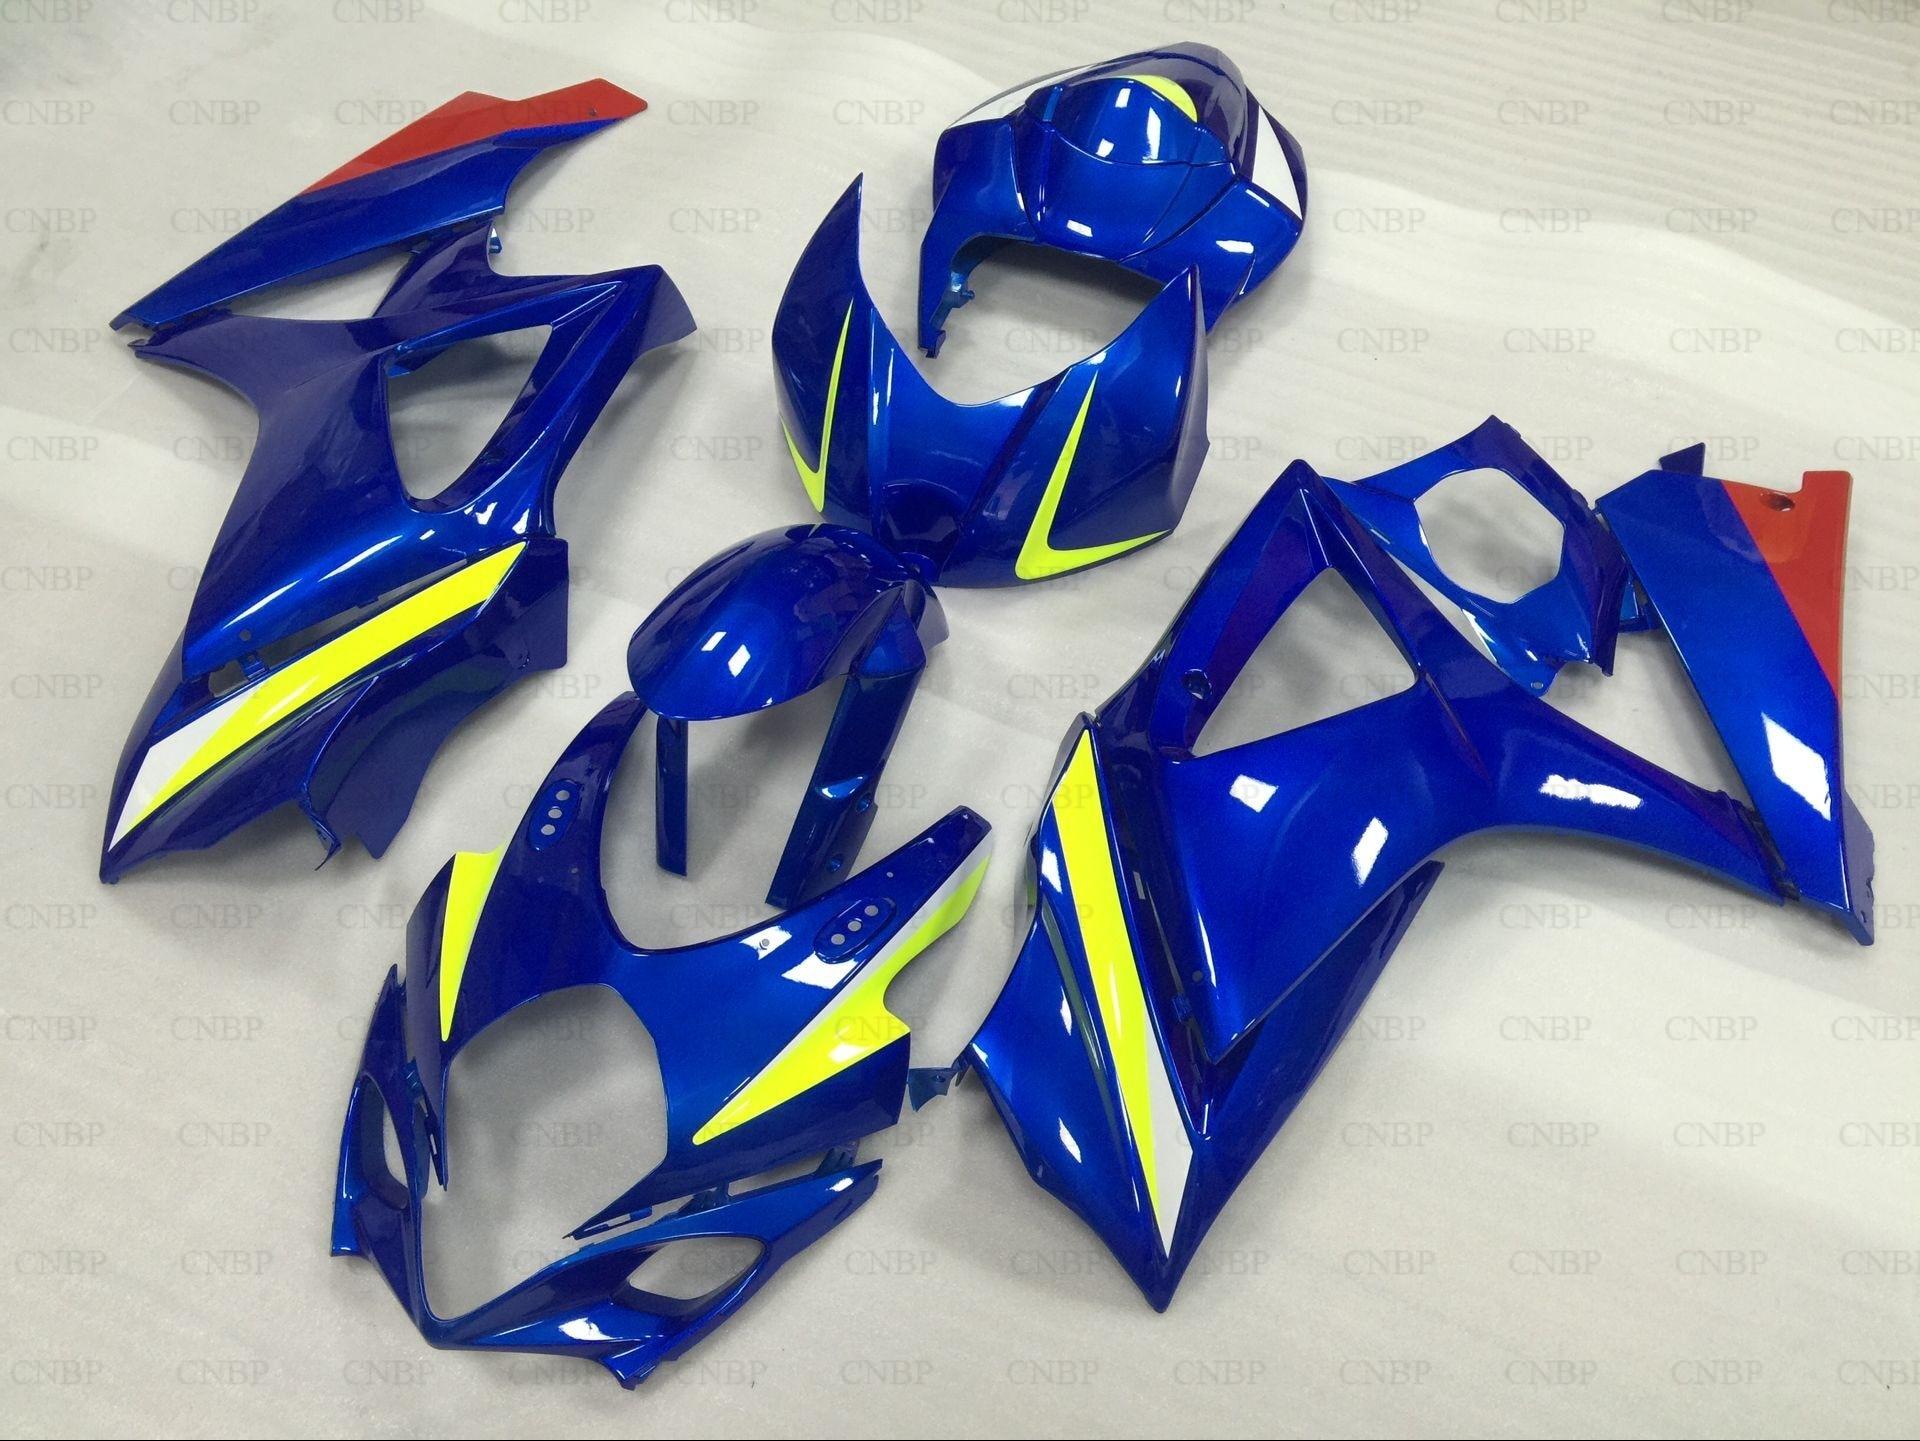 Motorcycle Fairing GSX R1000 2007 Abs Fairing GSXR 1000 08 2007 - 2008 K7 Blue LOGO Bodywork GSXR1000 07 motorcycle fairing kit for suzuki gsxr1000 07 08 gsxr 1000 k7 2007 2008 gsxr1000 abs white blue fairings set 7gifts ss01